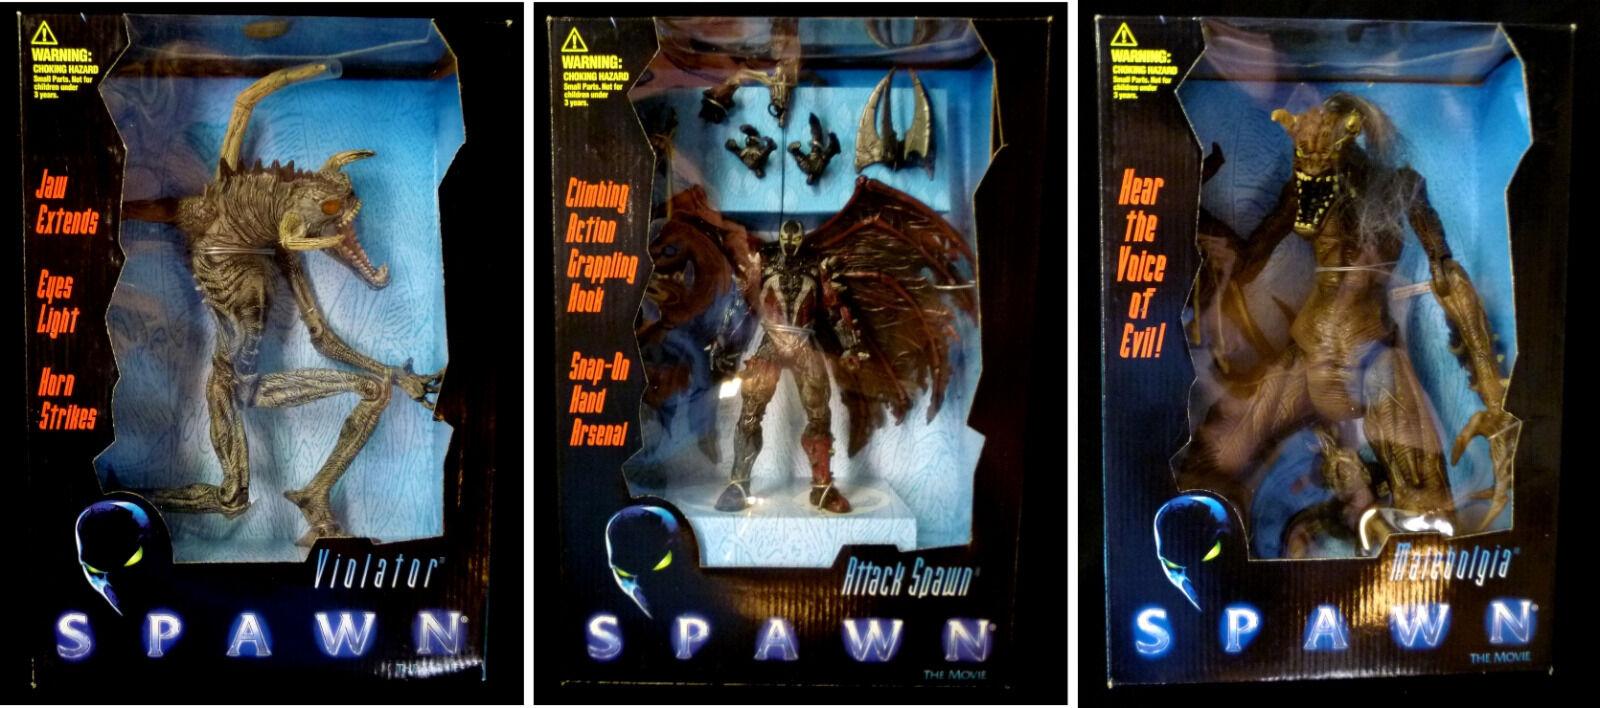 Spawn Movie 3 Deluxe Boxed Action Figure  Set  McFarlane Toys1997  Amricons  articles de nouveauté